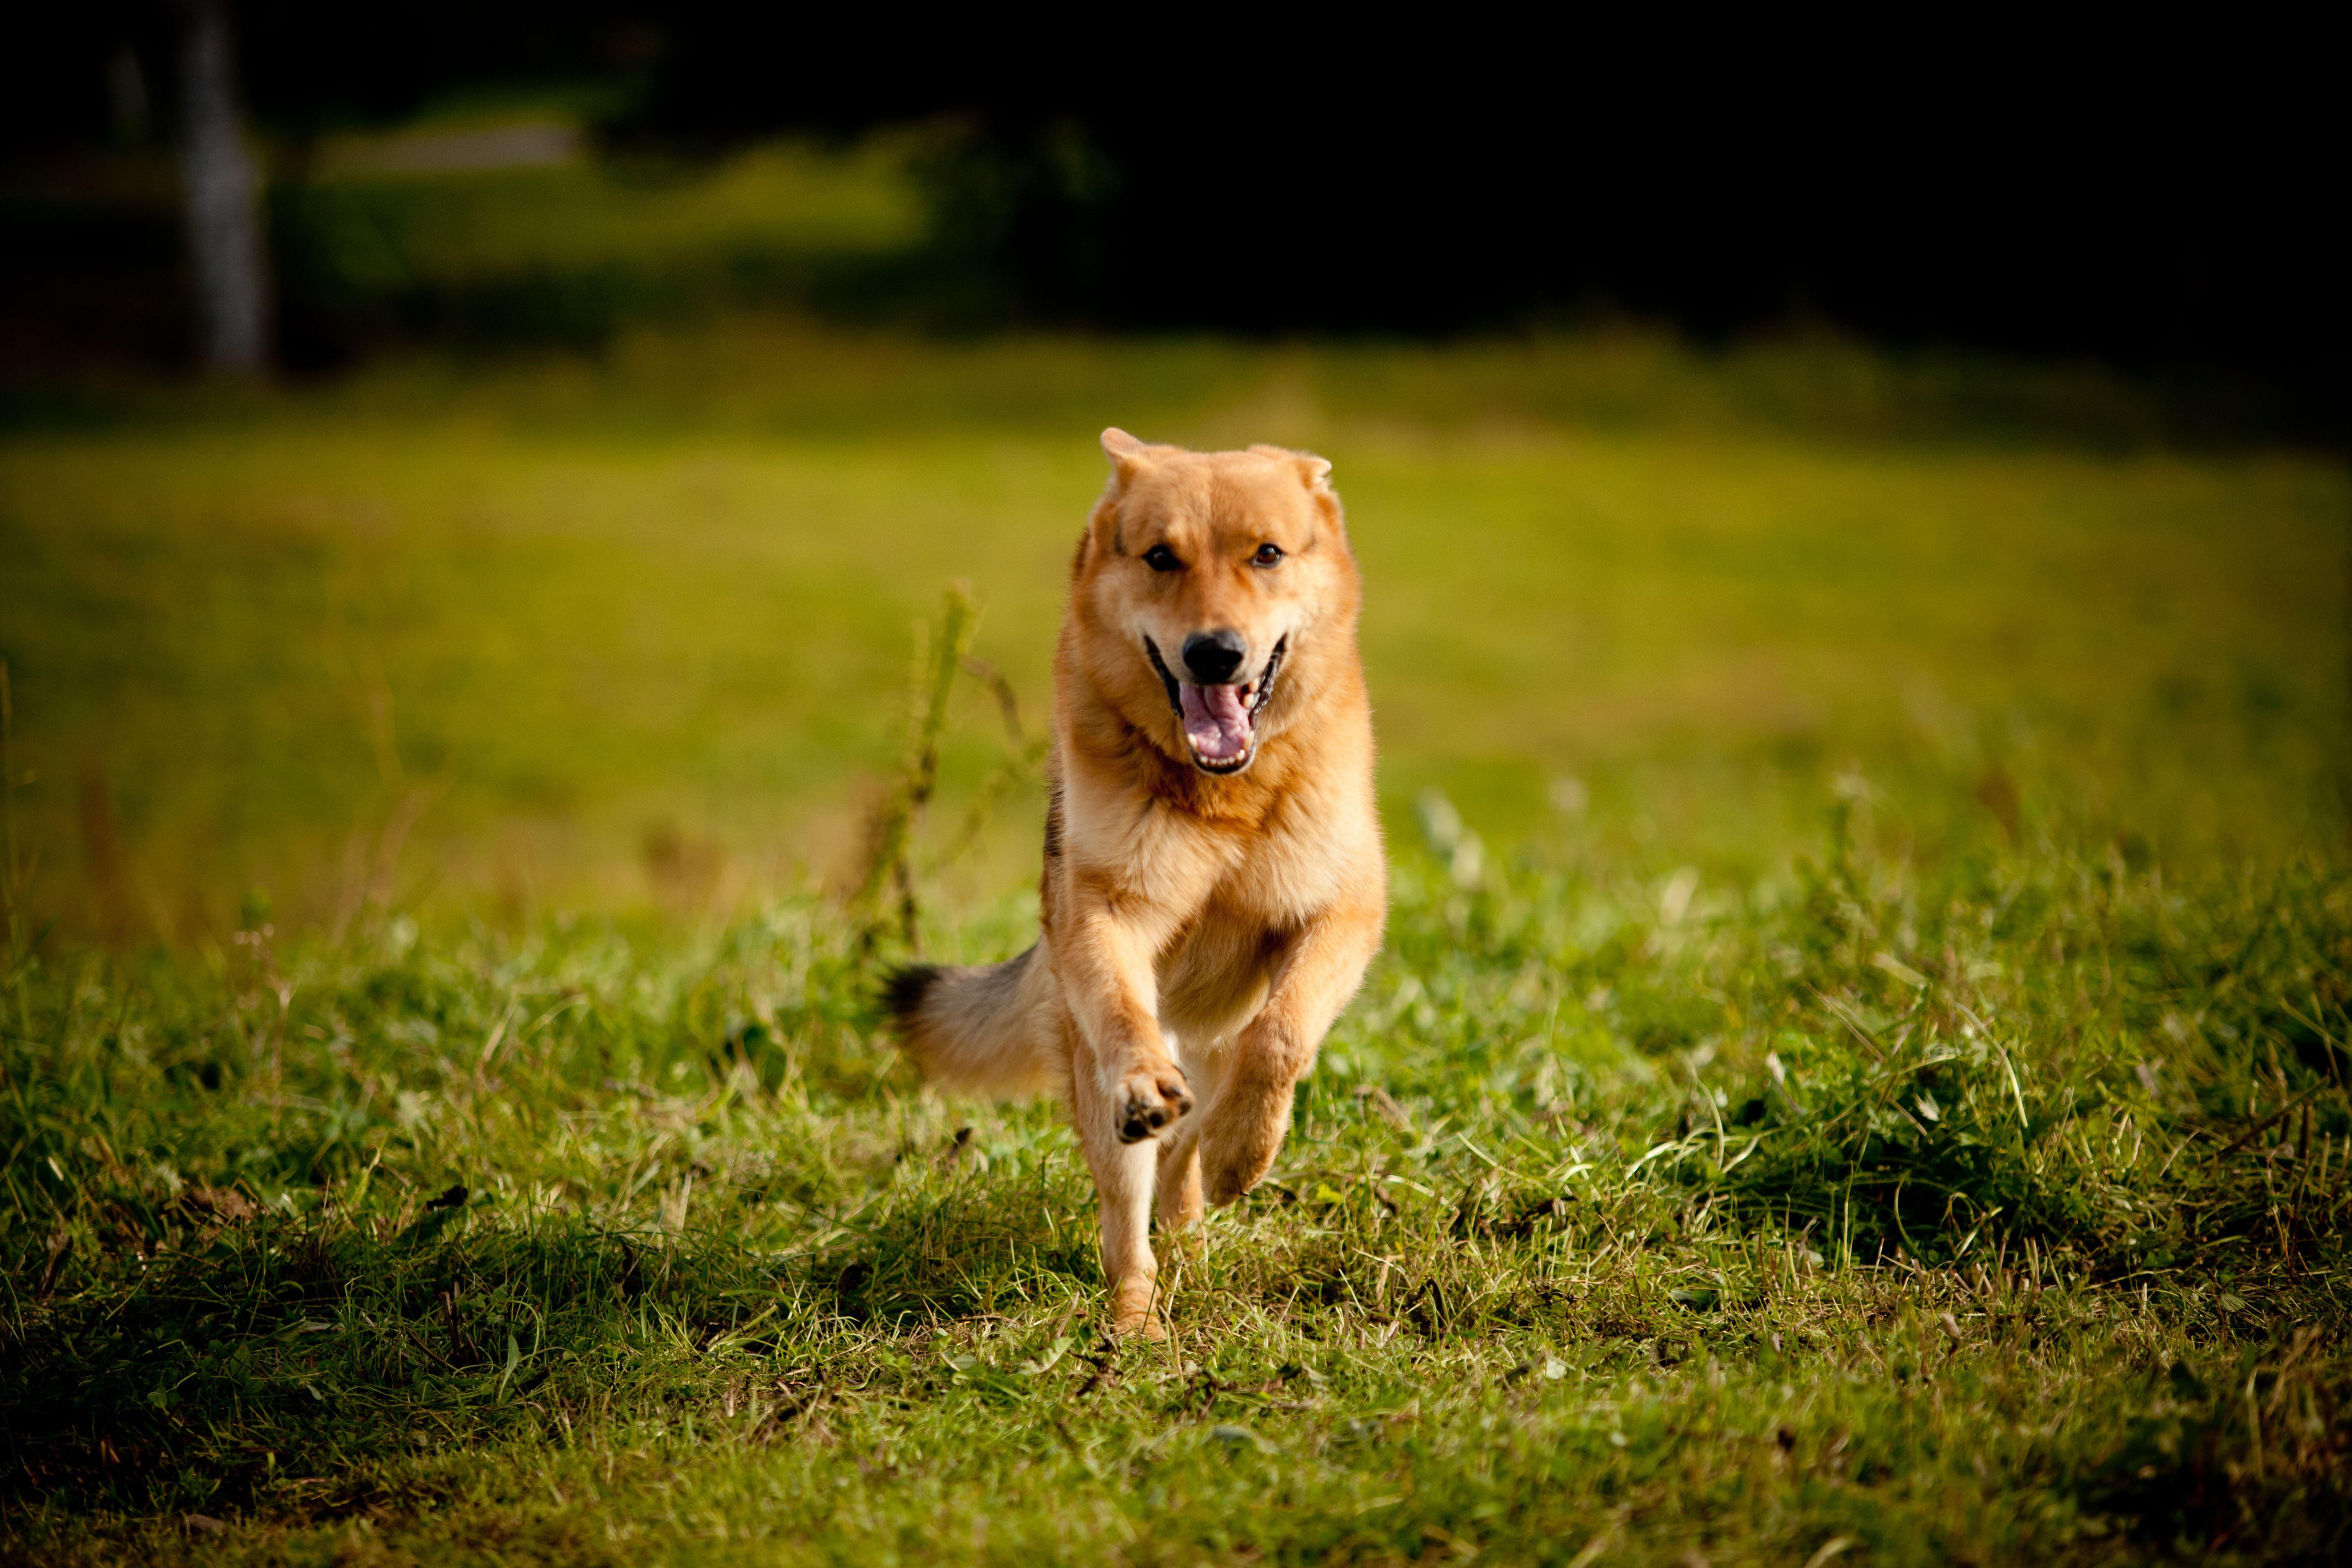 www.ricke.se,  © Malå kommun, Lydnadstävling för hund - Malå brukshundsklubb